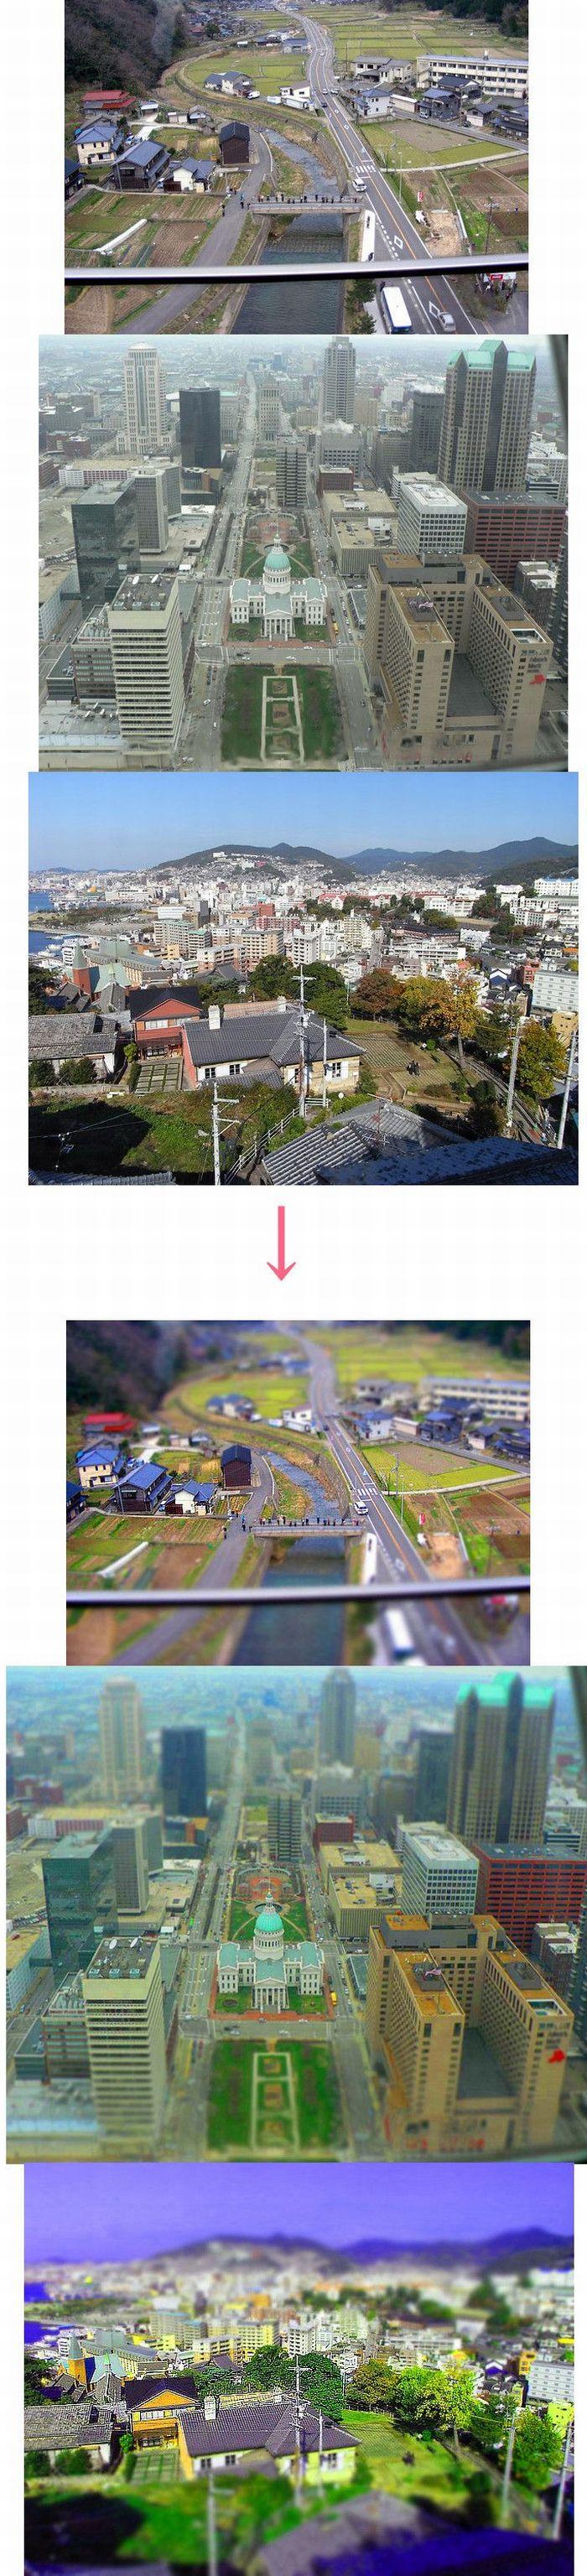 Фотографии до и после эффекта (6 фото)